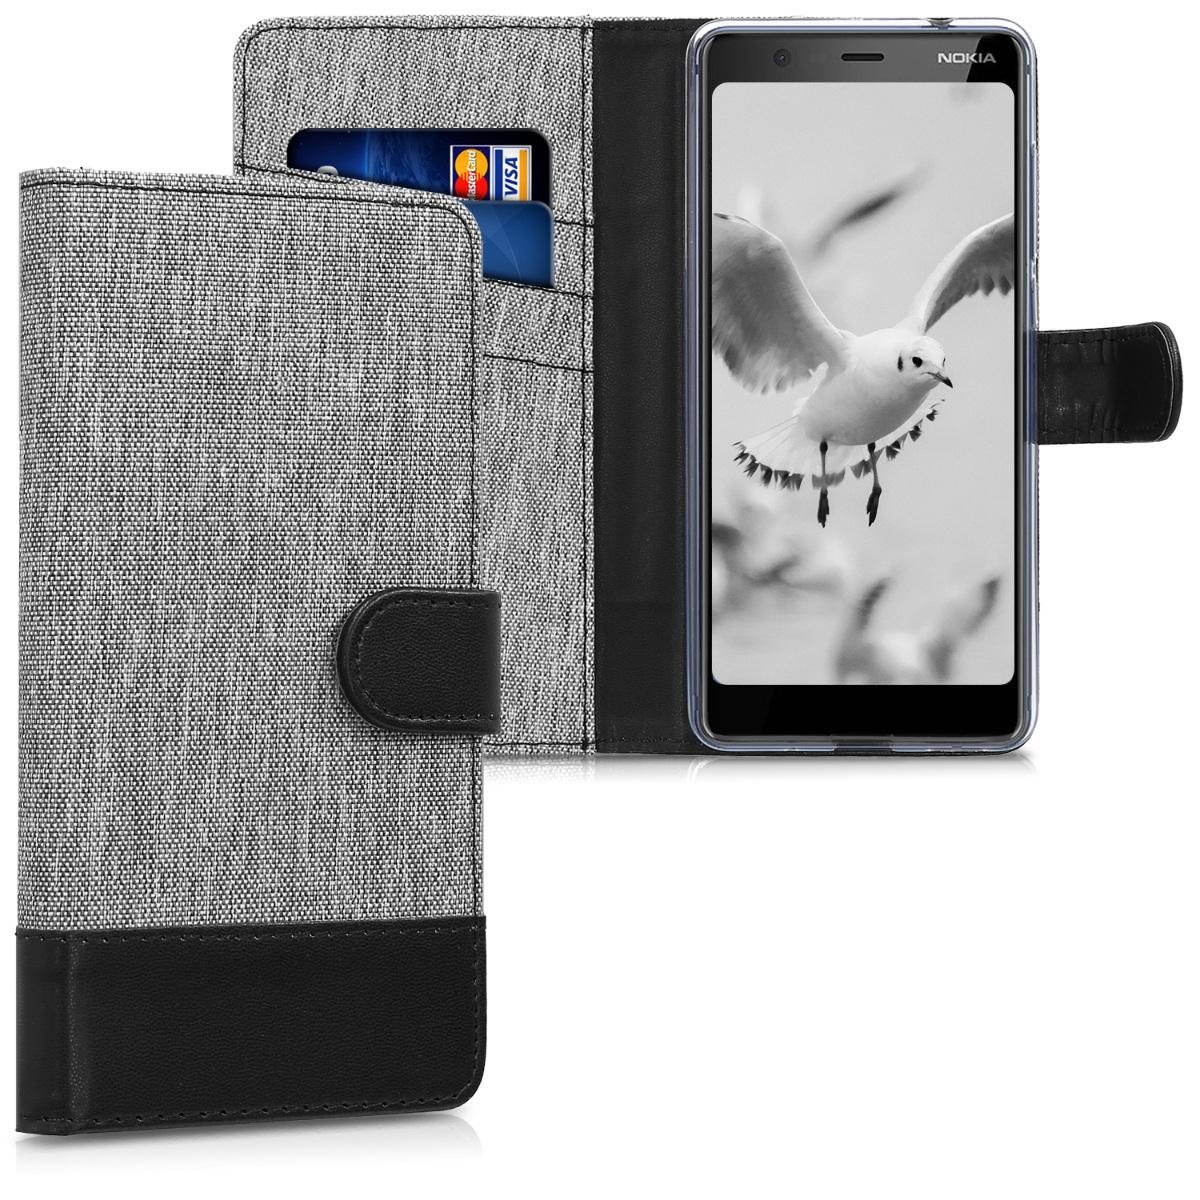 KW Θήκη-Πορτοφόλι Nokia 5.1 - Γκρι/ Μαύρο (45405.01)